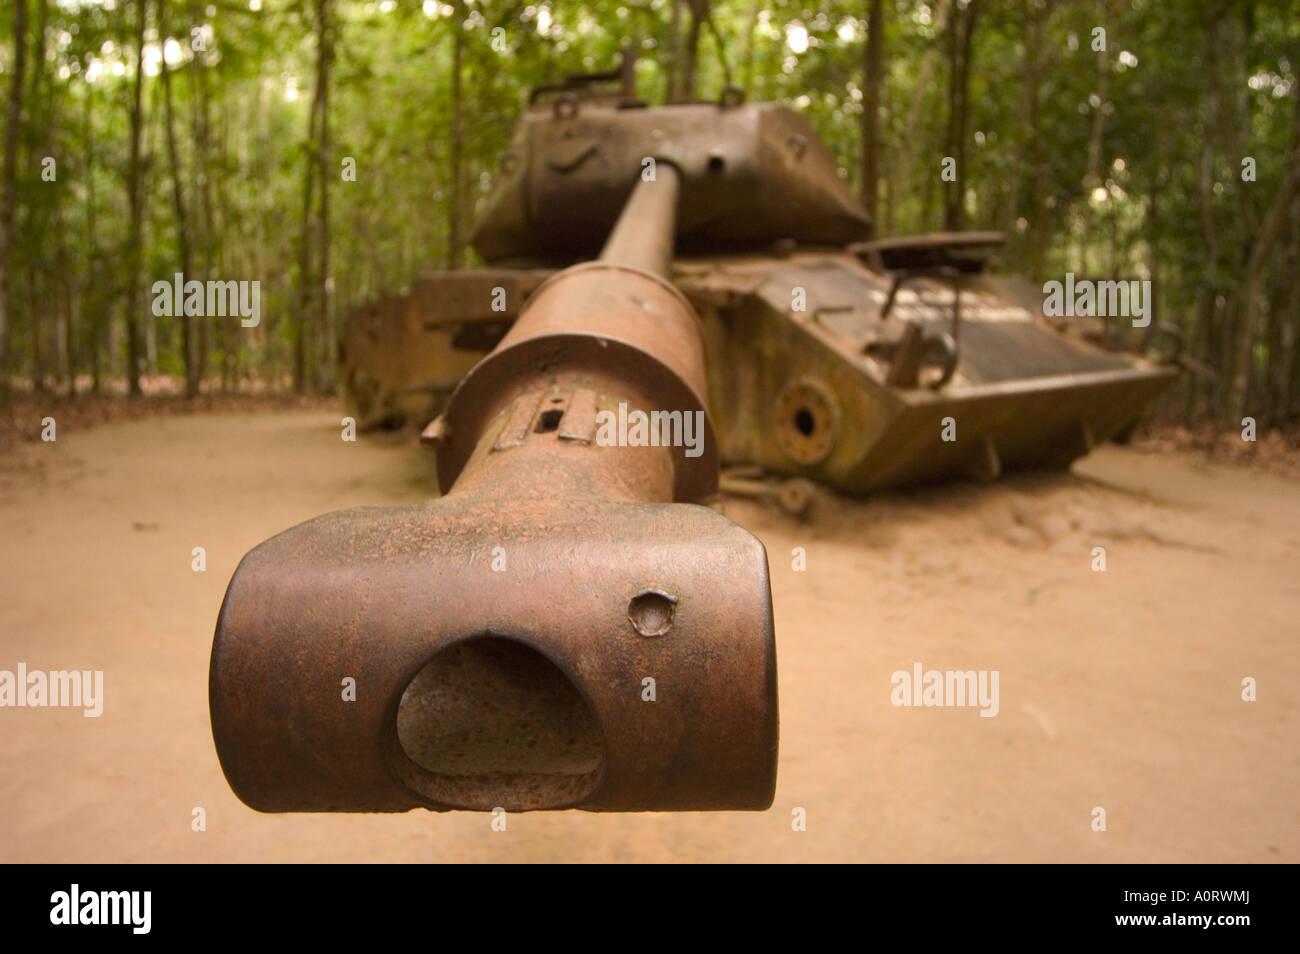 Serbatoio americana ai Tunnel di Cu Chi sud del Vietnam Asia del sud-est asiatico Immagini Stock